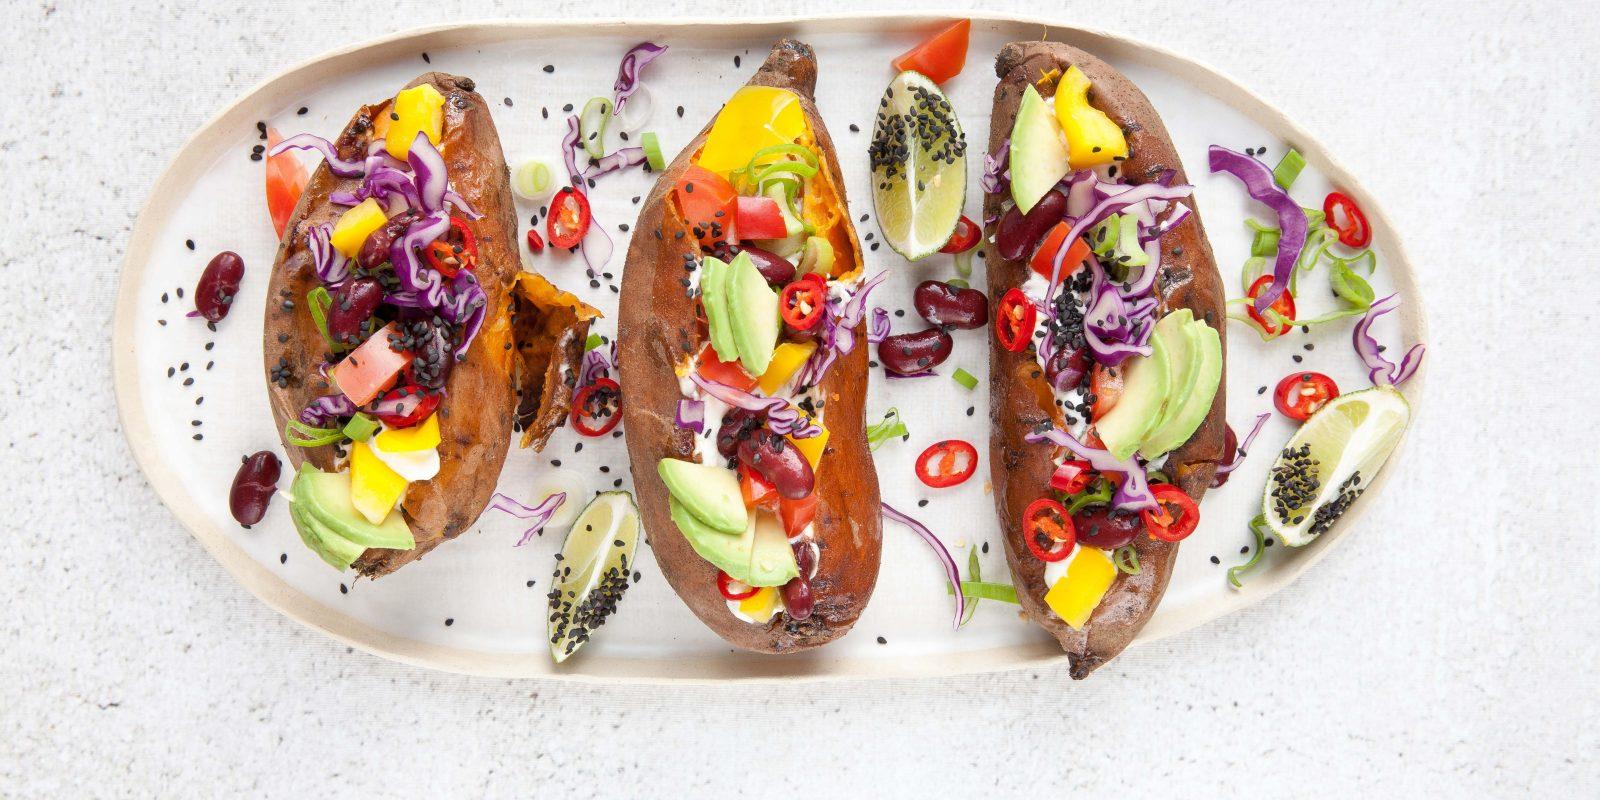 Bild für Kochen mit Followers in der Stilarena